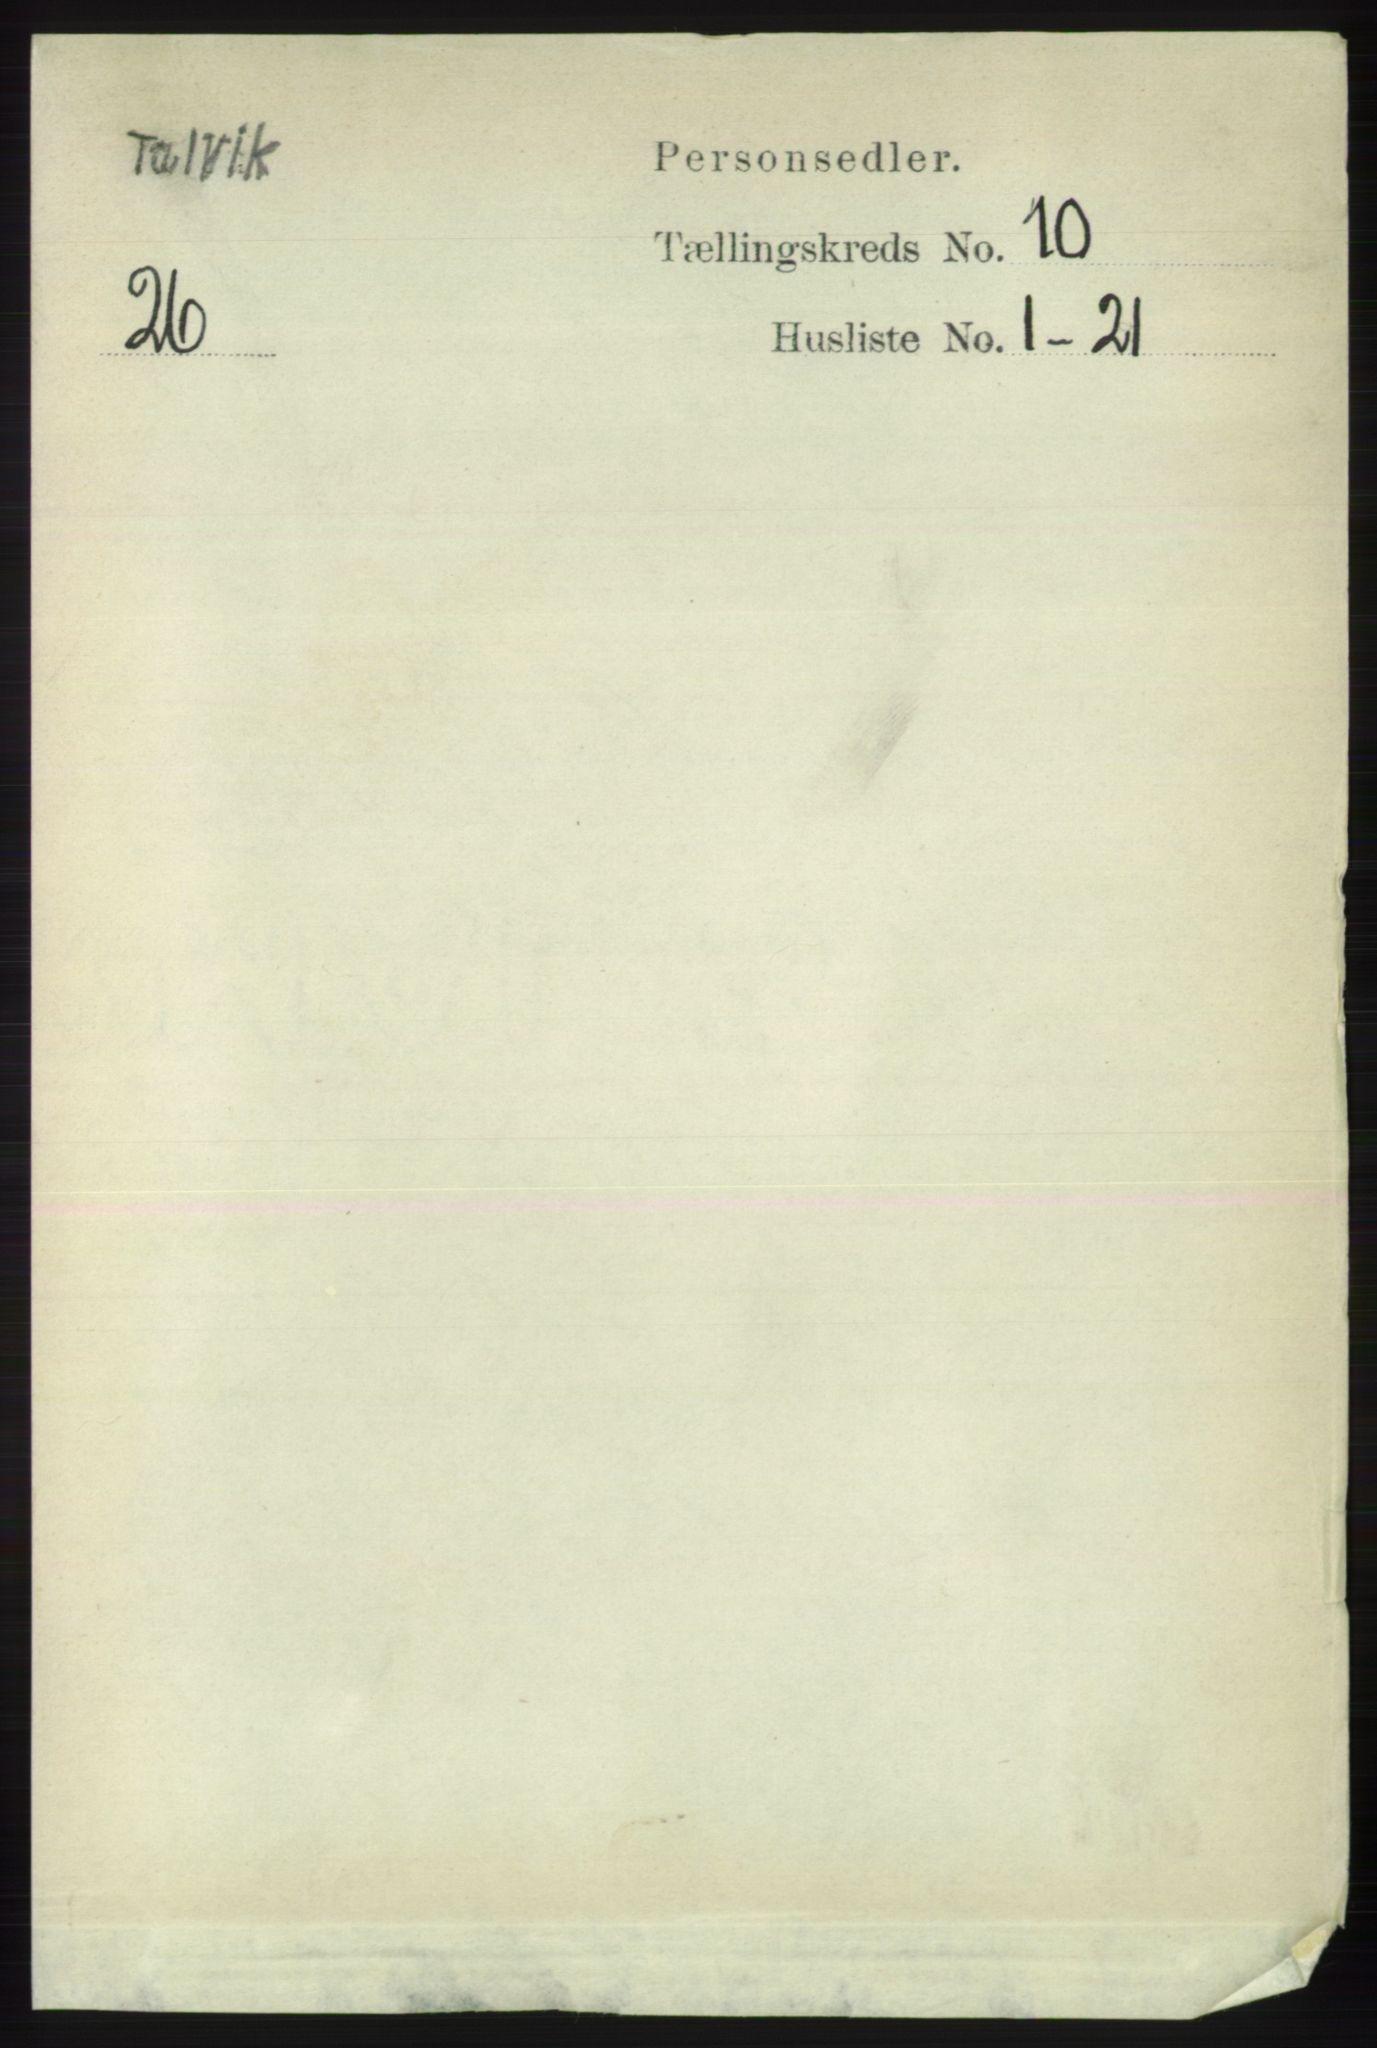 RA, Folketelling 1891 for 2013 Talvik herred, 1891, s. 2334